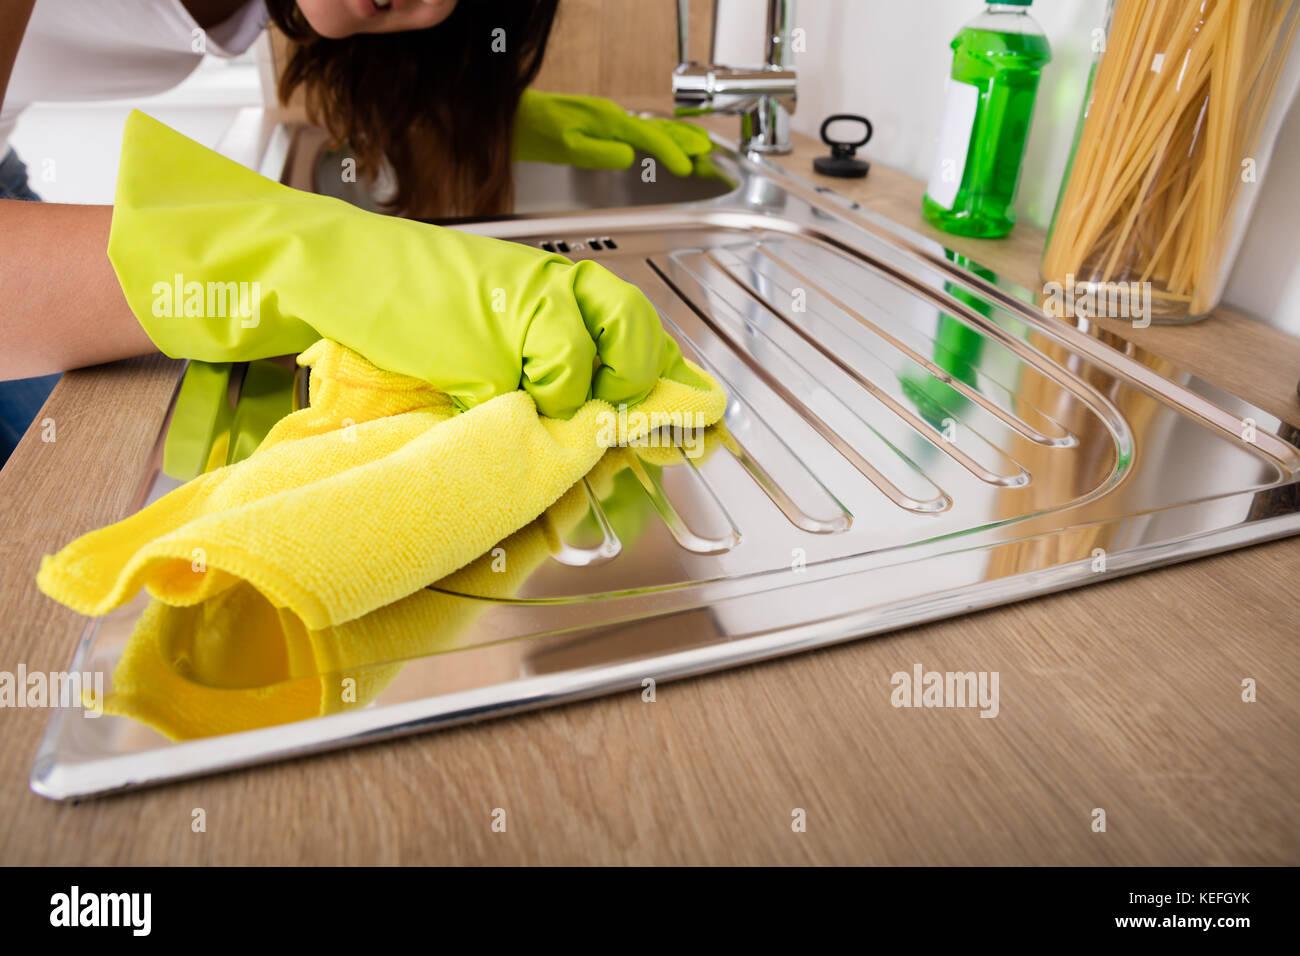 In Der Nahe Von Frau Hand Reinigung Von Edelstahl Waschbecken Mit